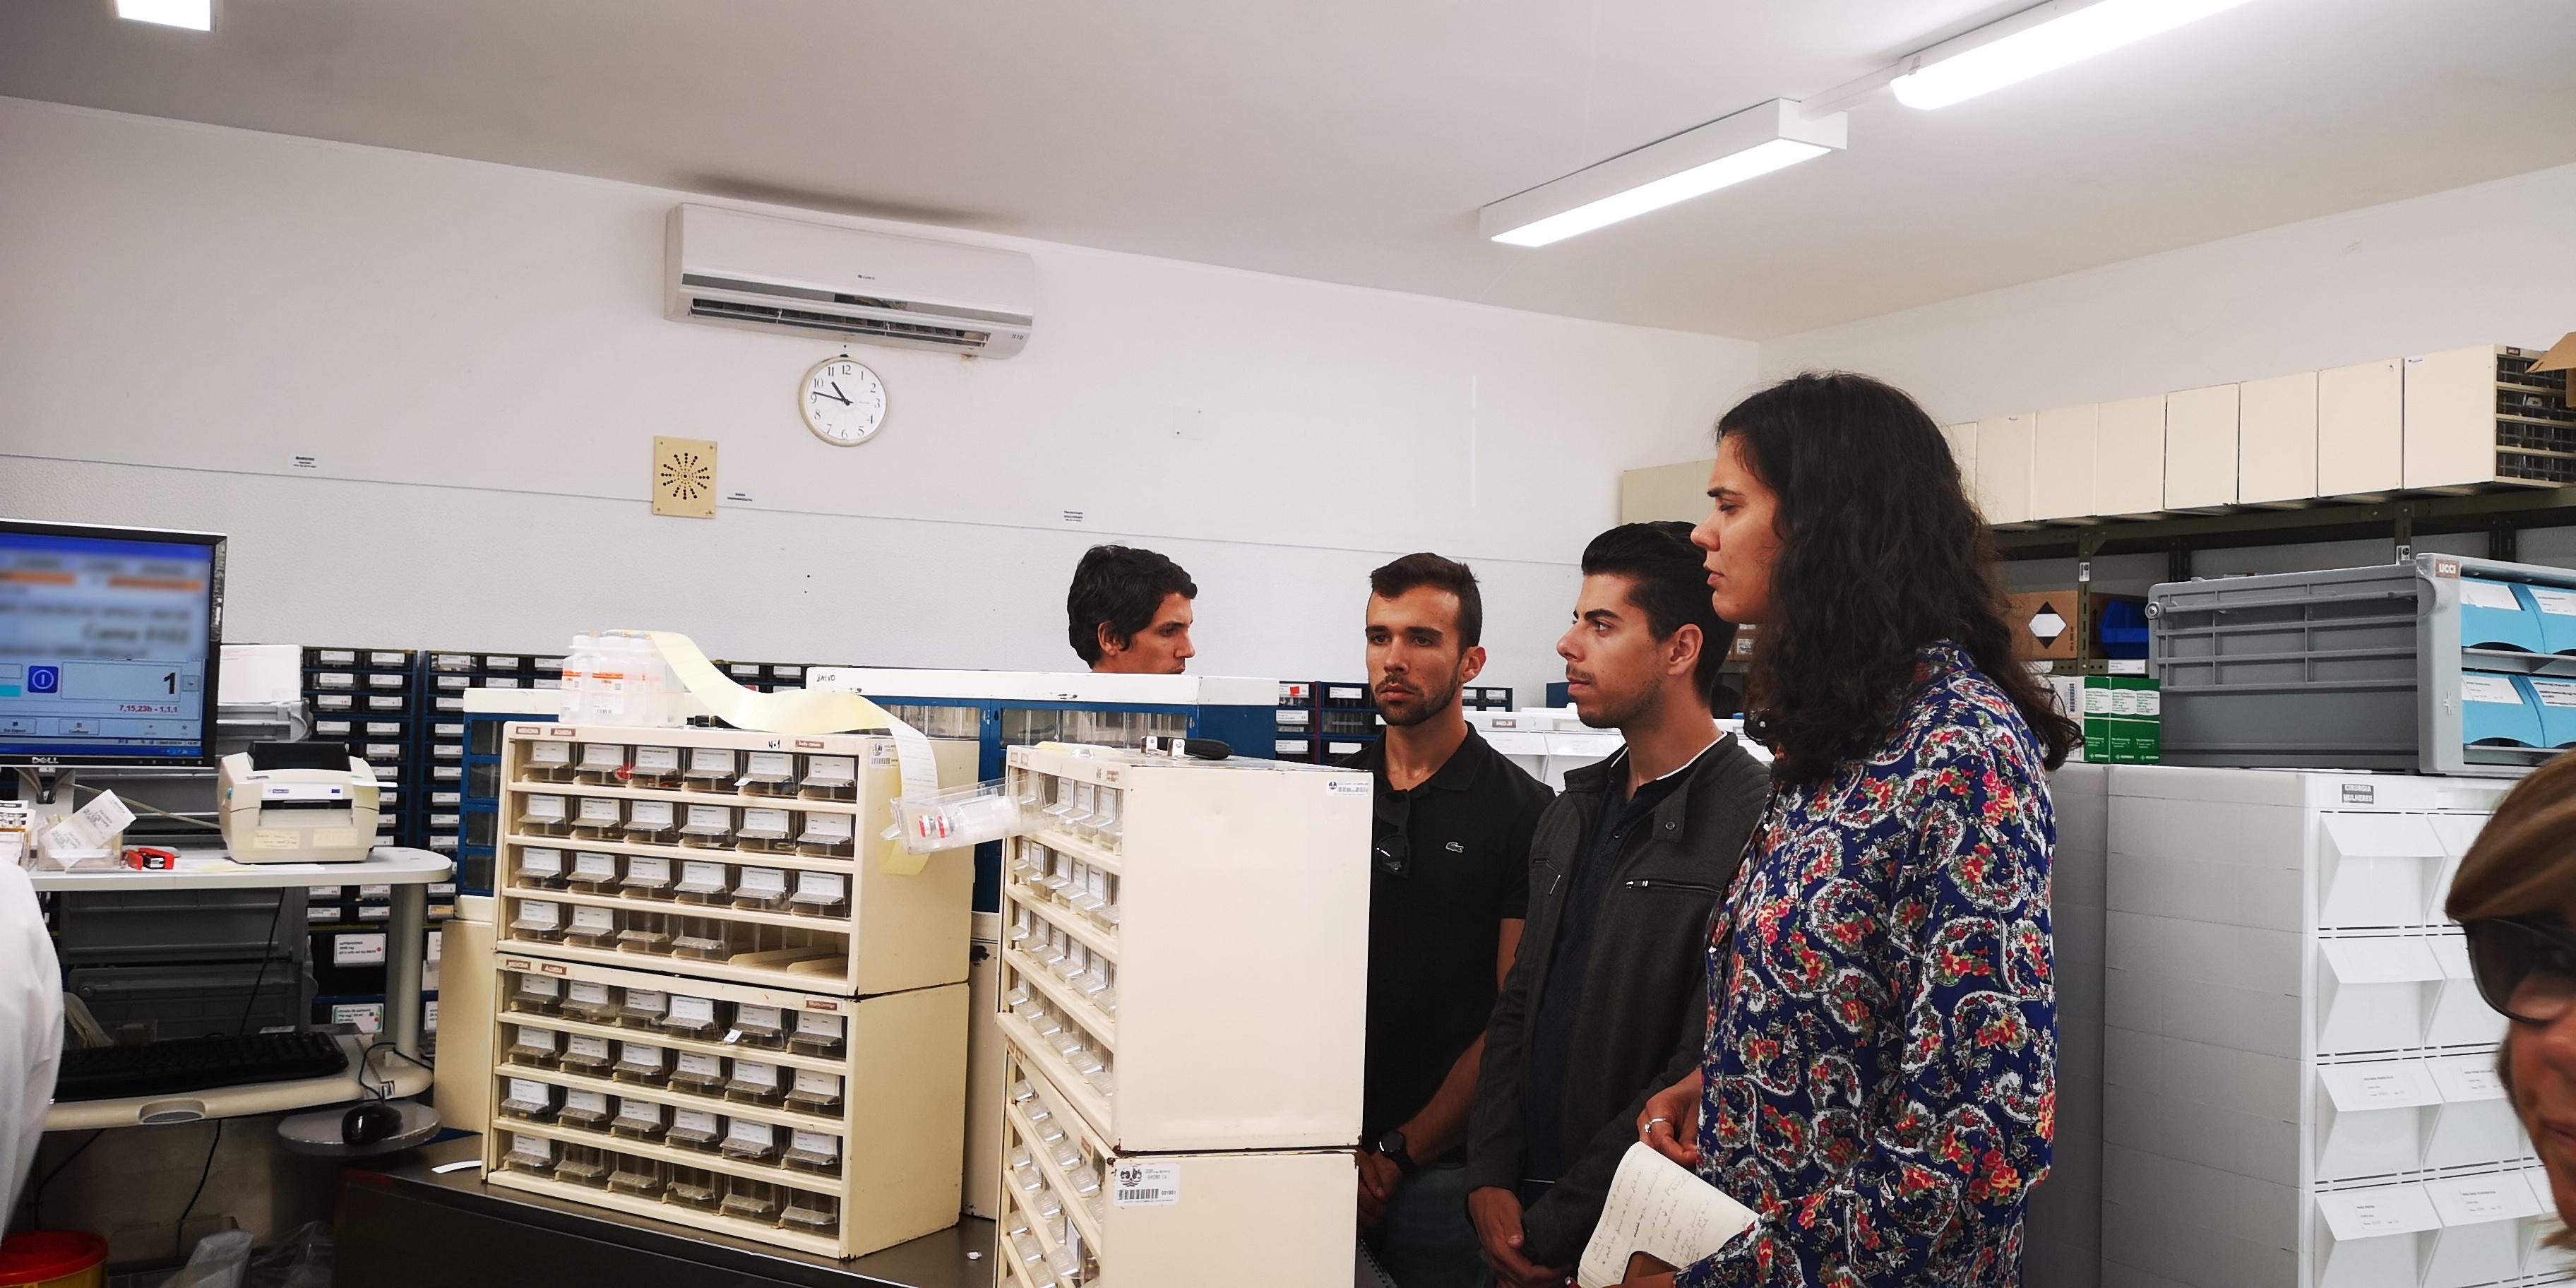 grupo em sala laboratorial